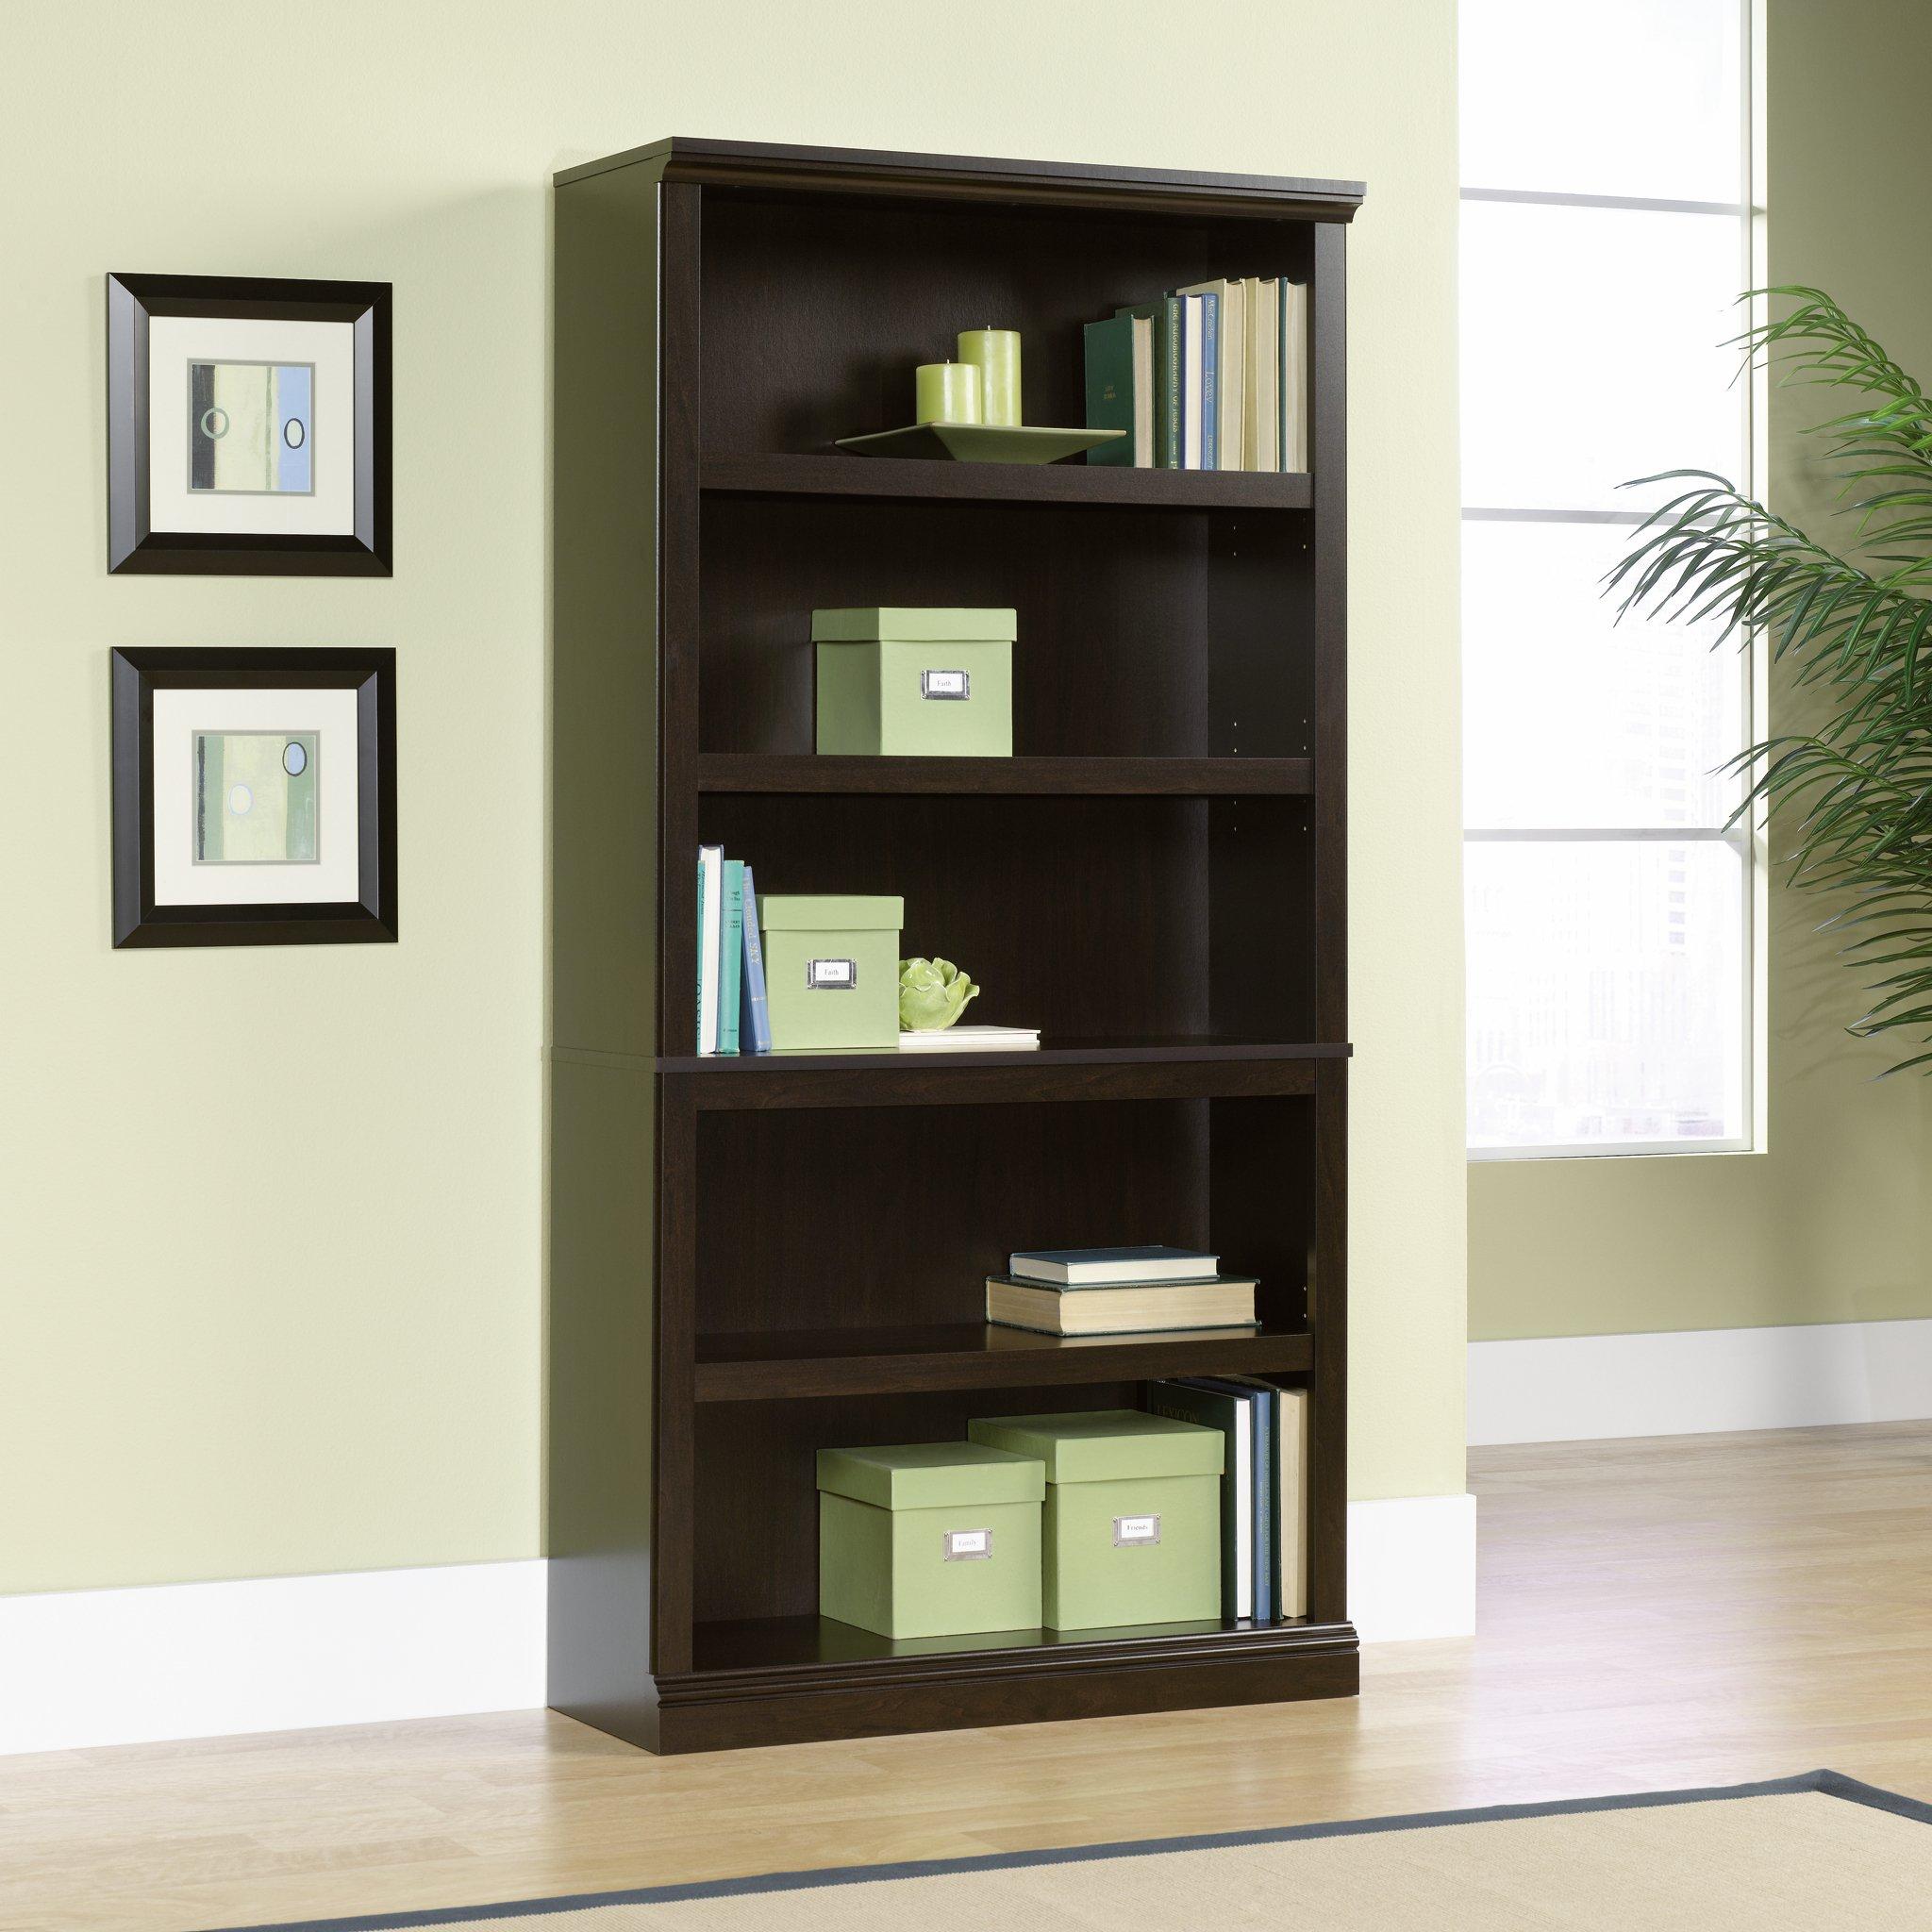 Sauder 5-Shelf Bookcase, Jamocha Wood Finish by Sauder (Image #2)